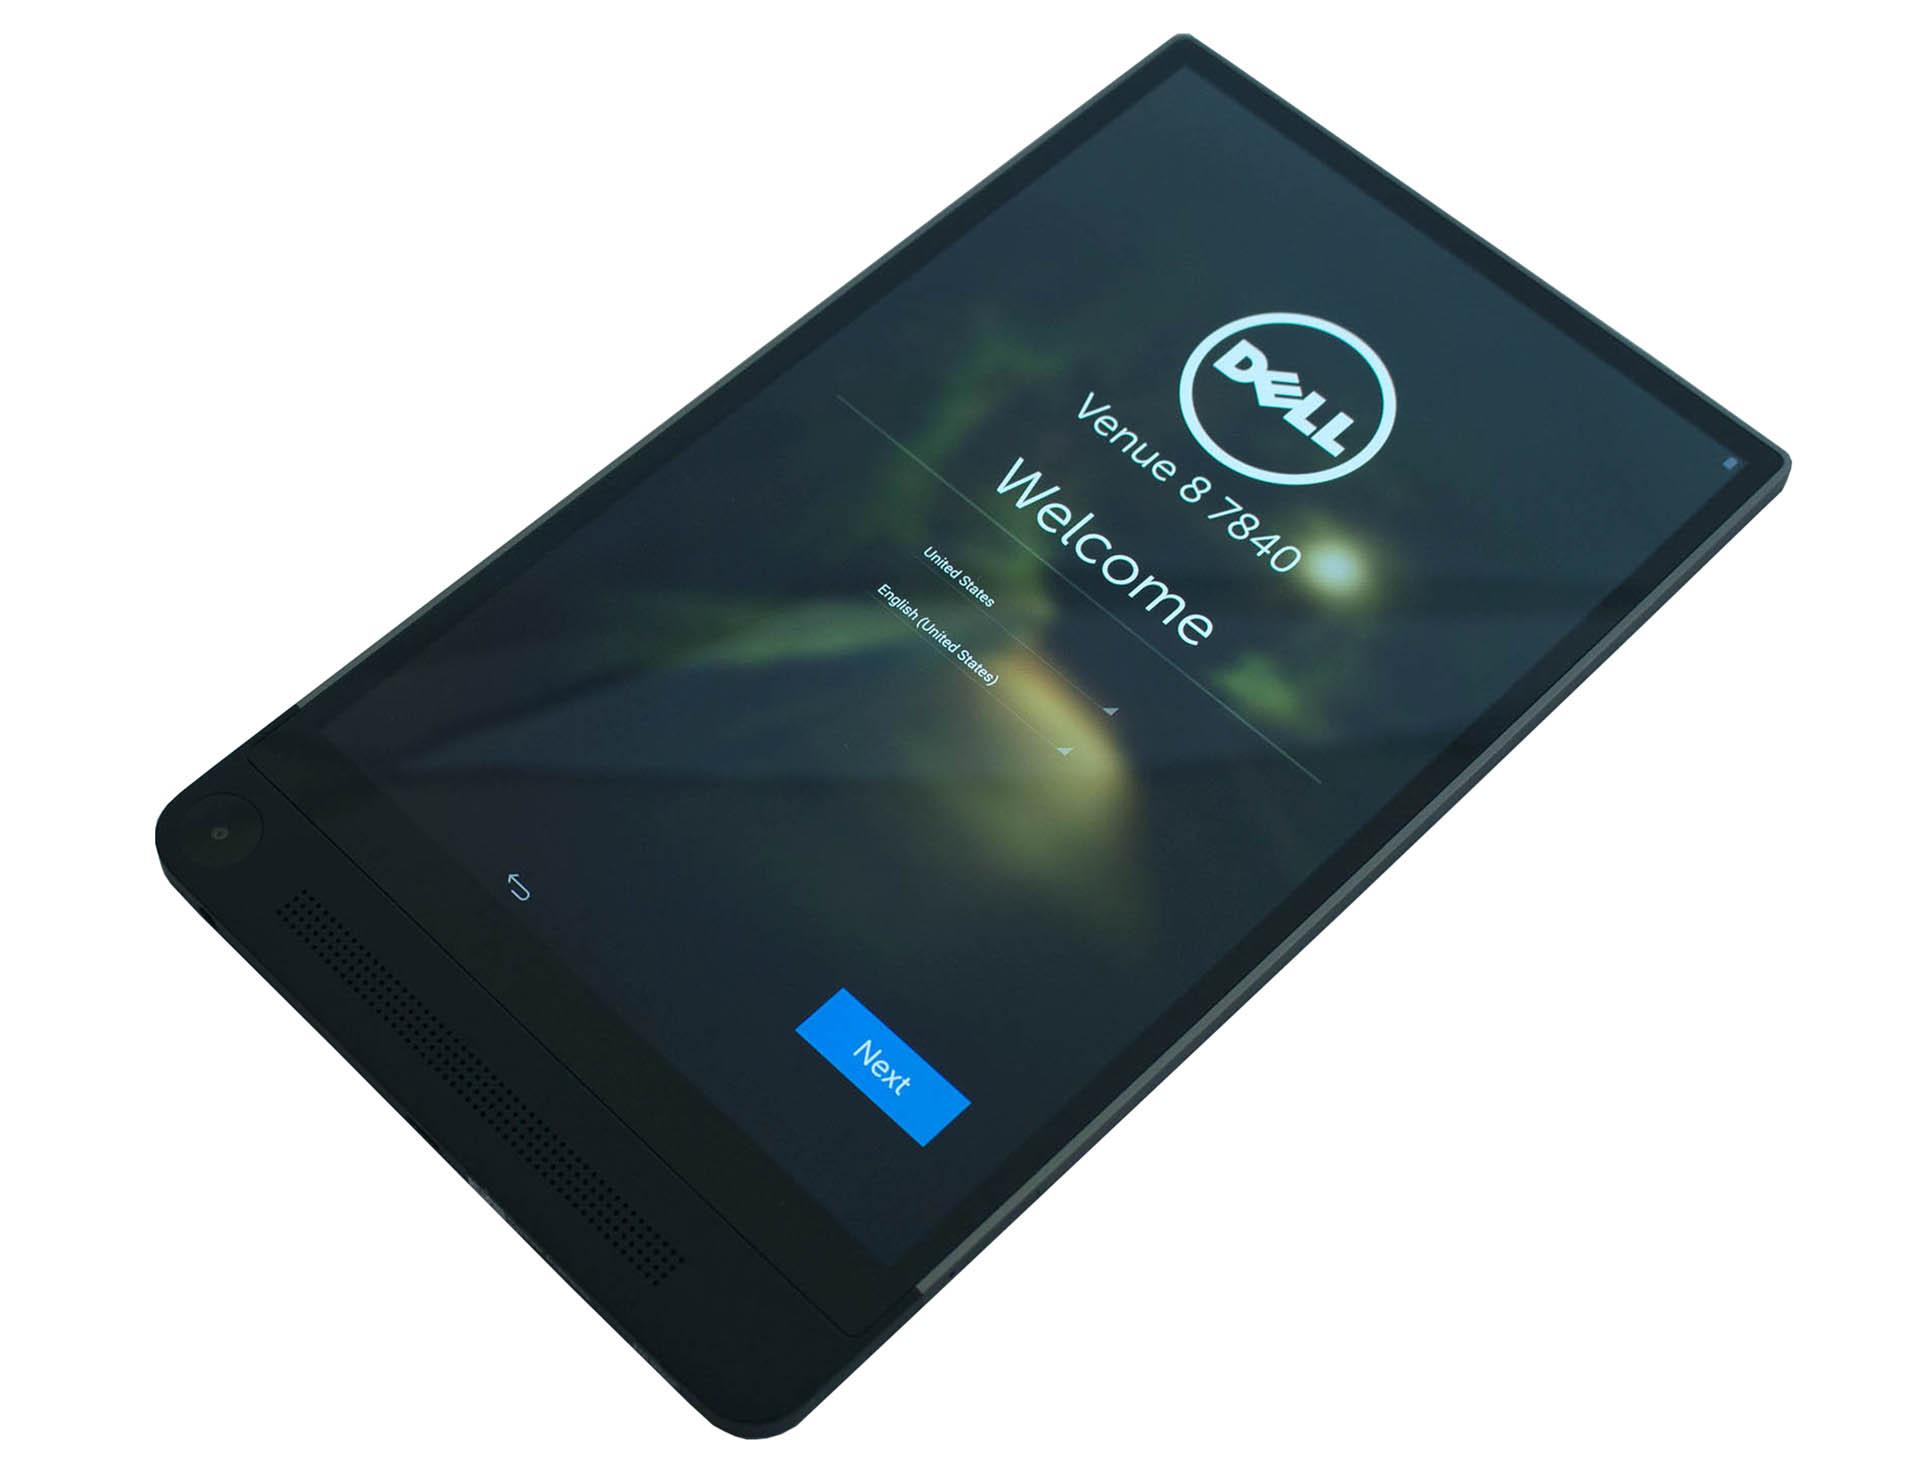 Dell Venue 8 7840 test